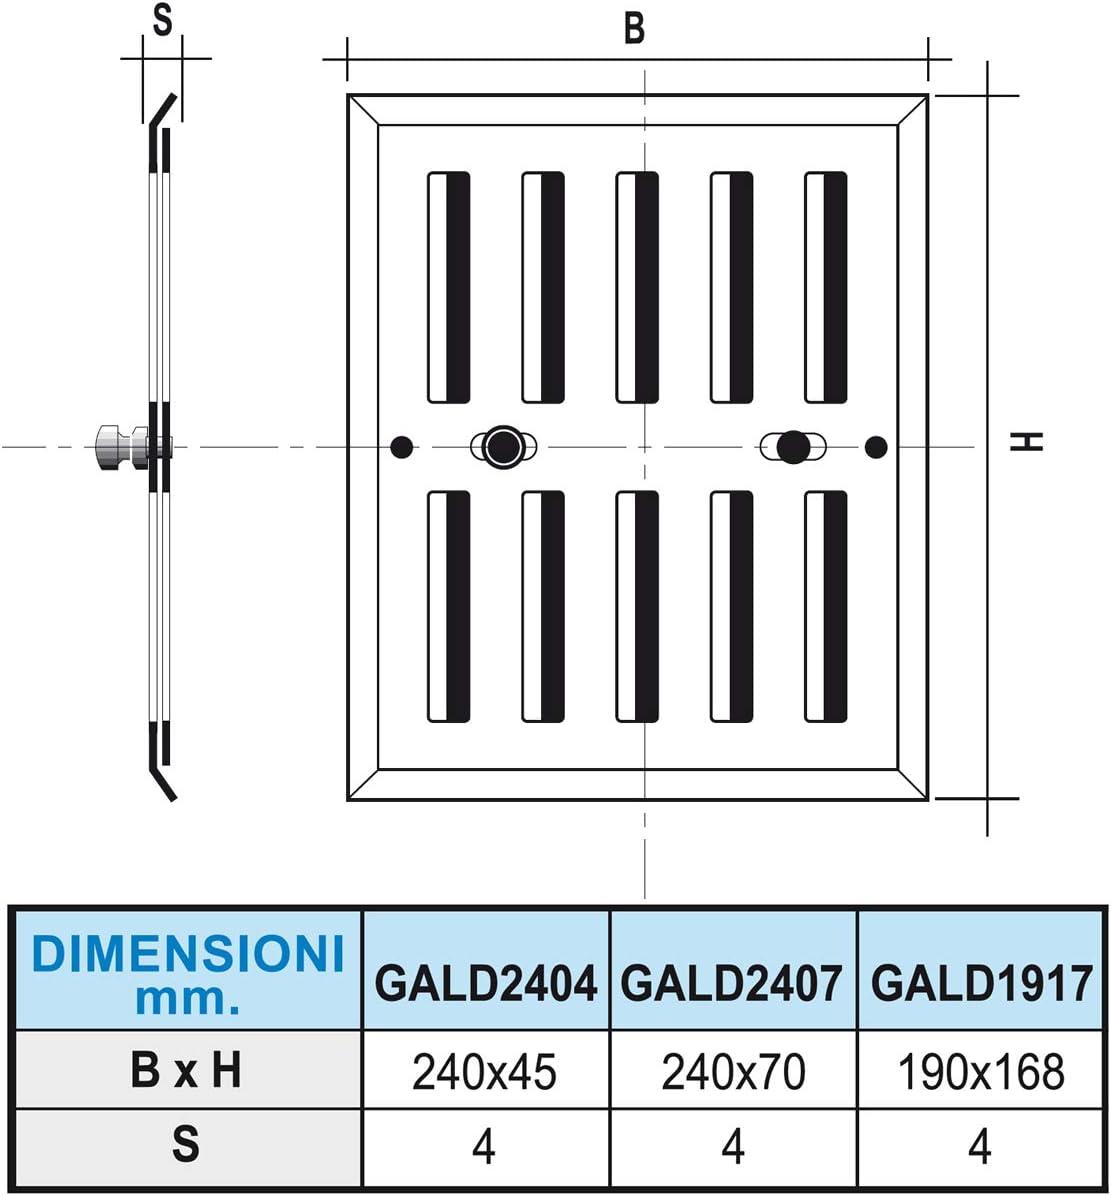 La Ventilazione GALD2407 Grille de ventilation rectangulaire en aluminium avec doseur et bouton m/étallique dimensions 240 x 70 mm